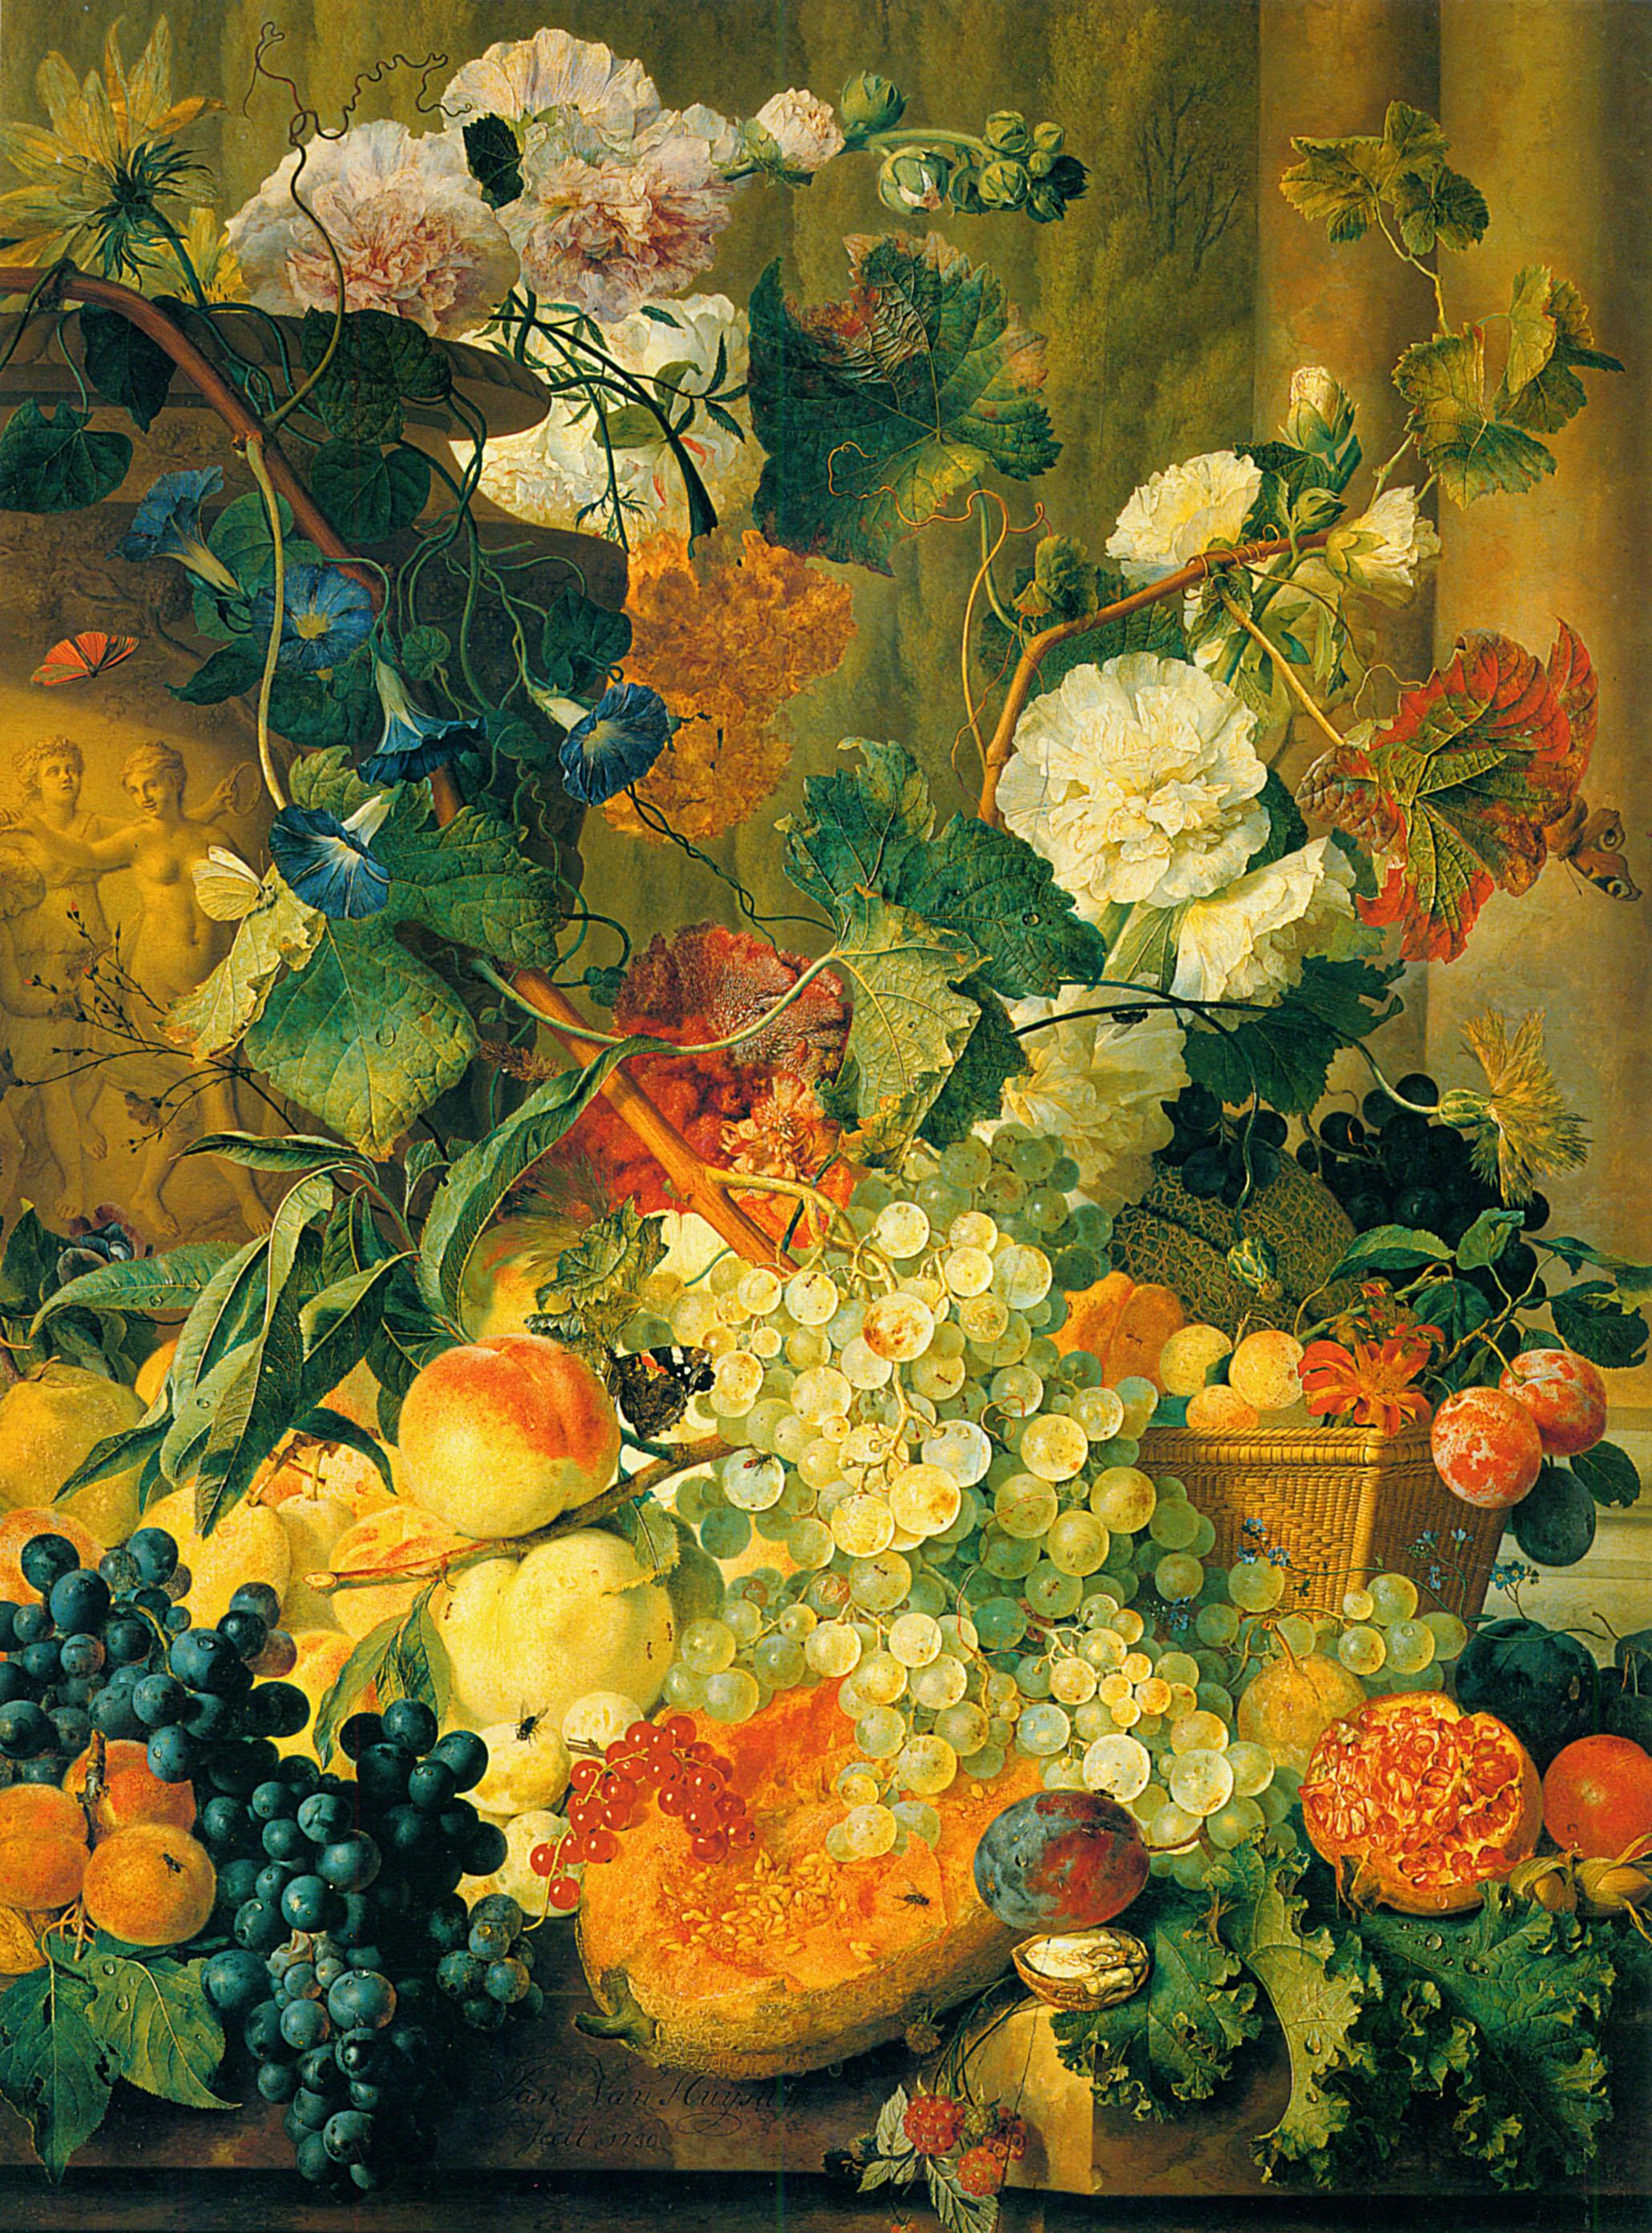 Картины известных художников.: artpictorial.ru/kategorii/natyurmorti/natyurmort-kartini.html